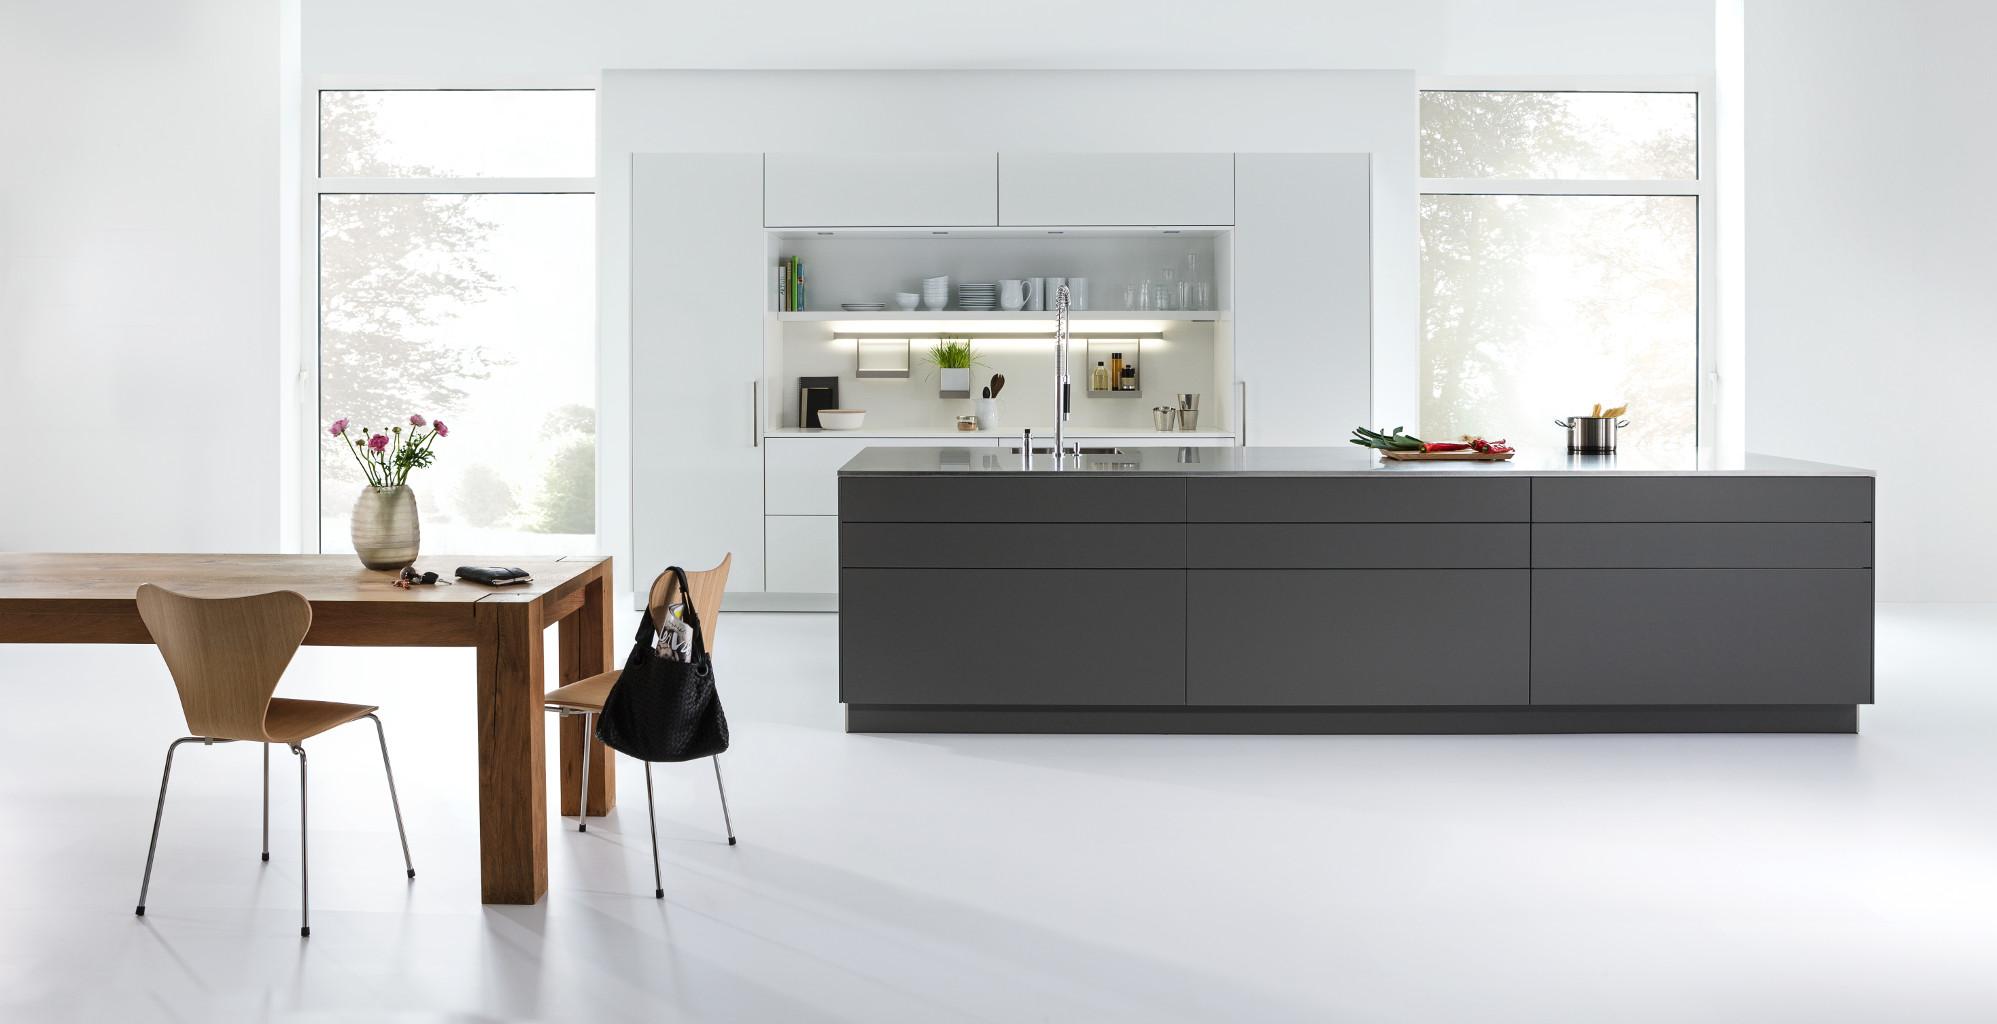 warendorf k chen braig k chen schreinerei bei ulm. Black Bedroom Furniture Sets. Home Design Ideas